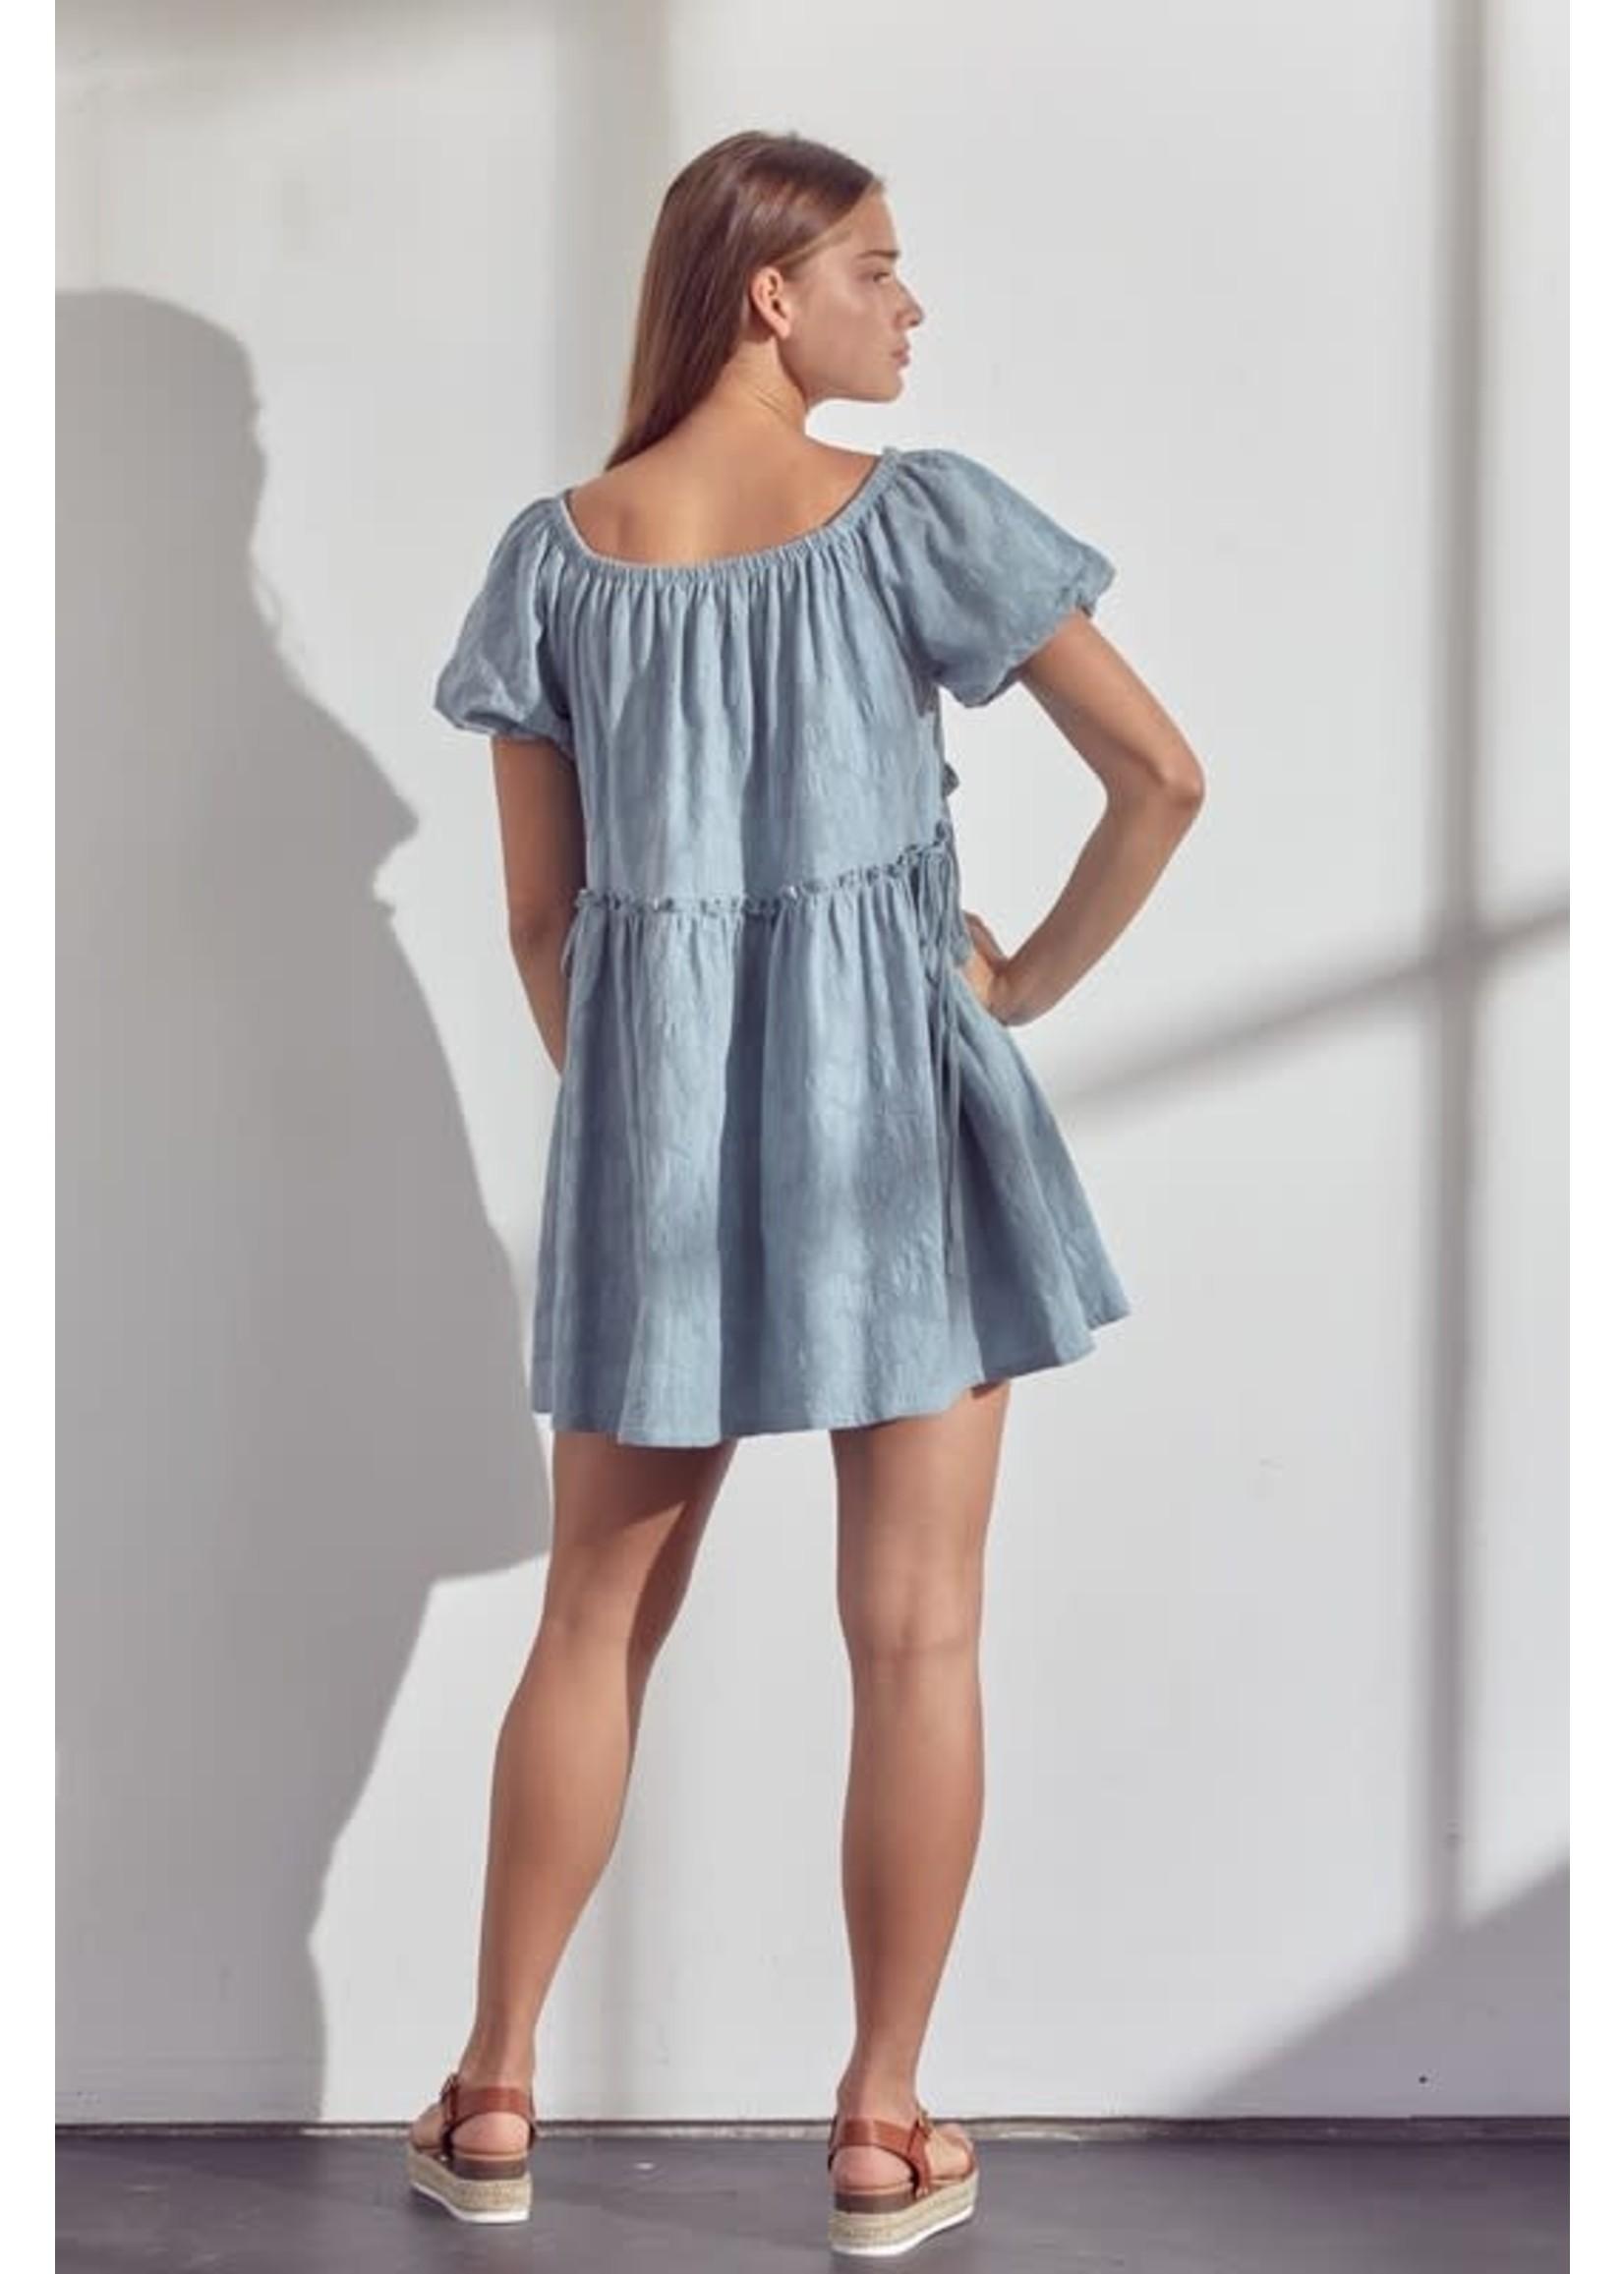 &Merci Puffy Sleeved Babydoll Dress - MDR9141